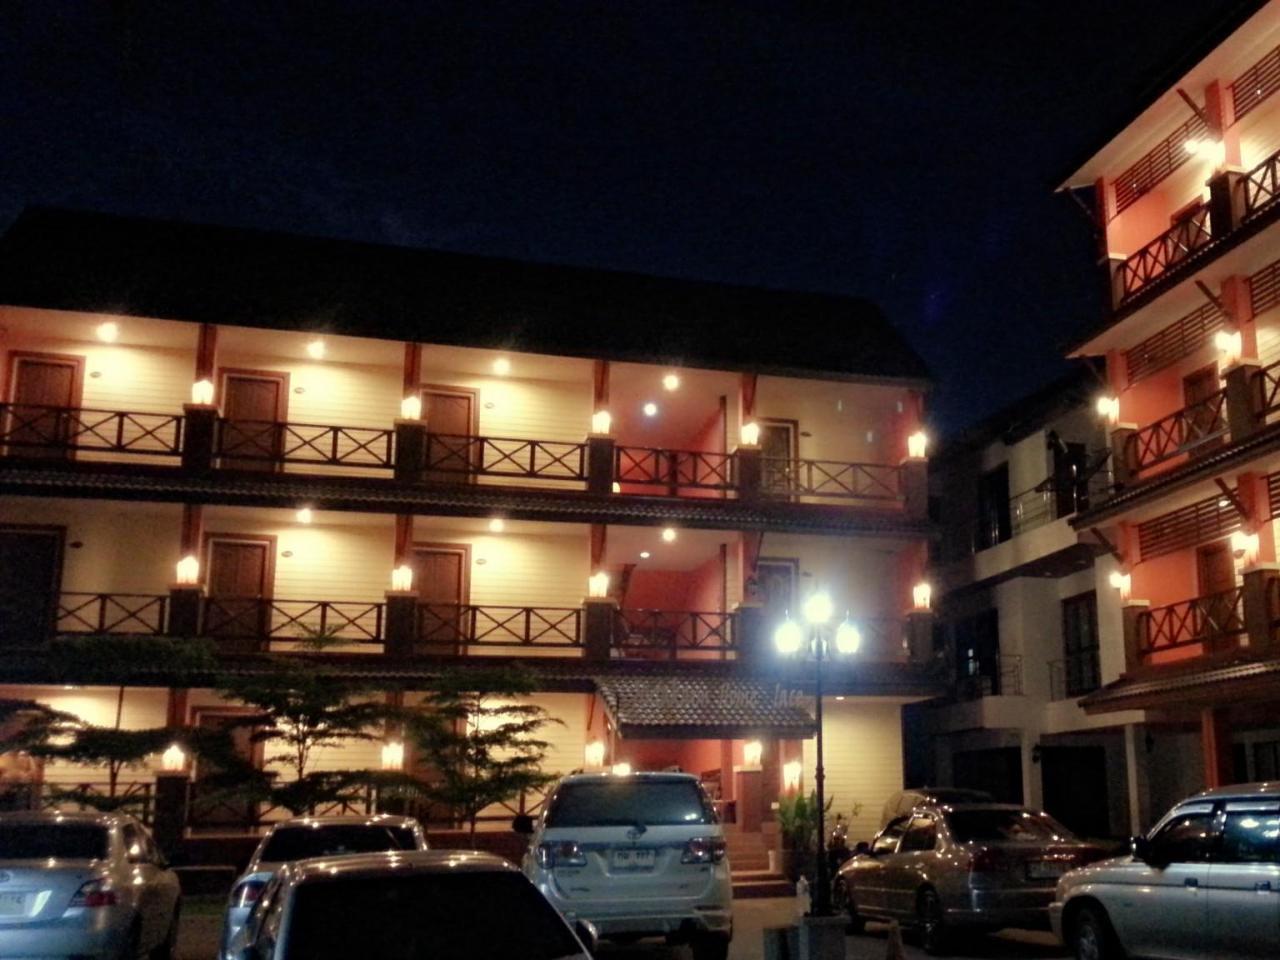 จินตคาม โฮม เพลส (Jintakarm Home Place)